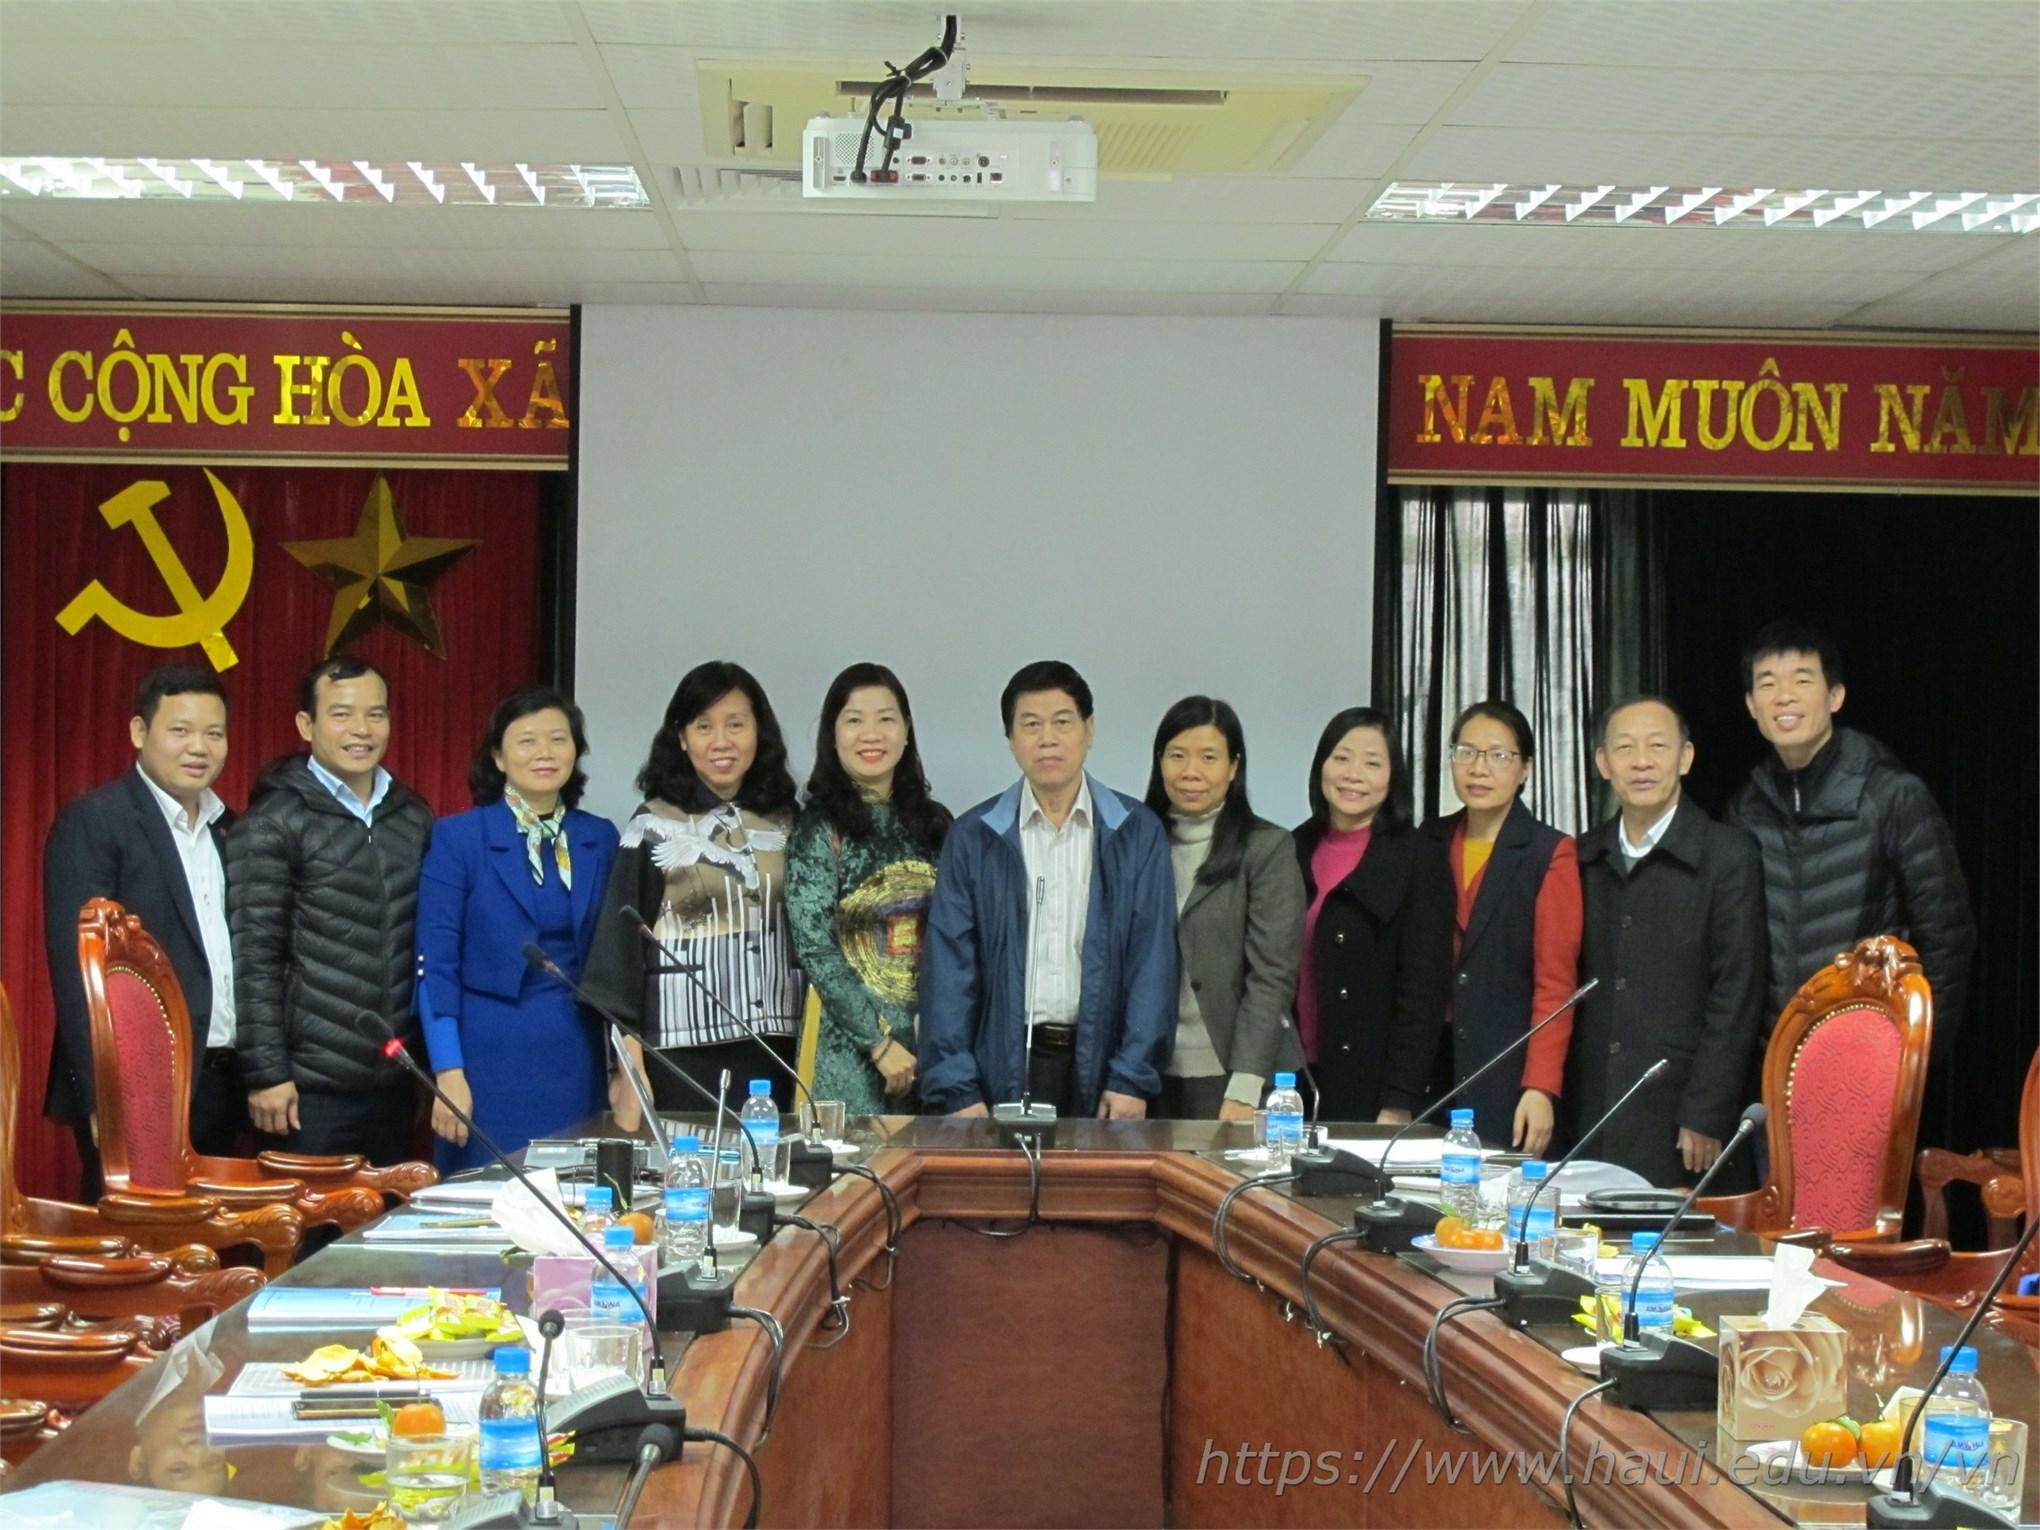 Trường Đại học Công nghiệp Hà Nội sẽ mở ngành đào tạo mới: Công nghệ vật liệu dệt, may